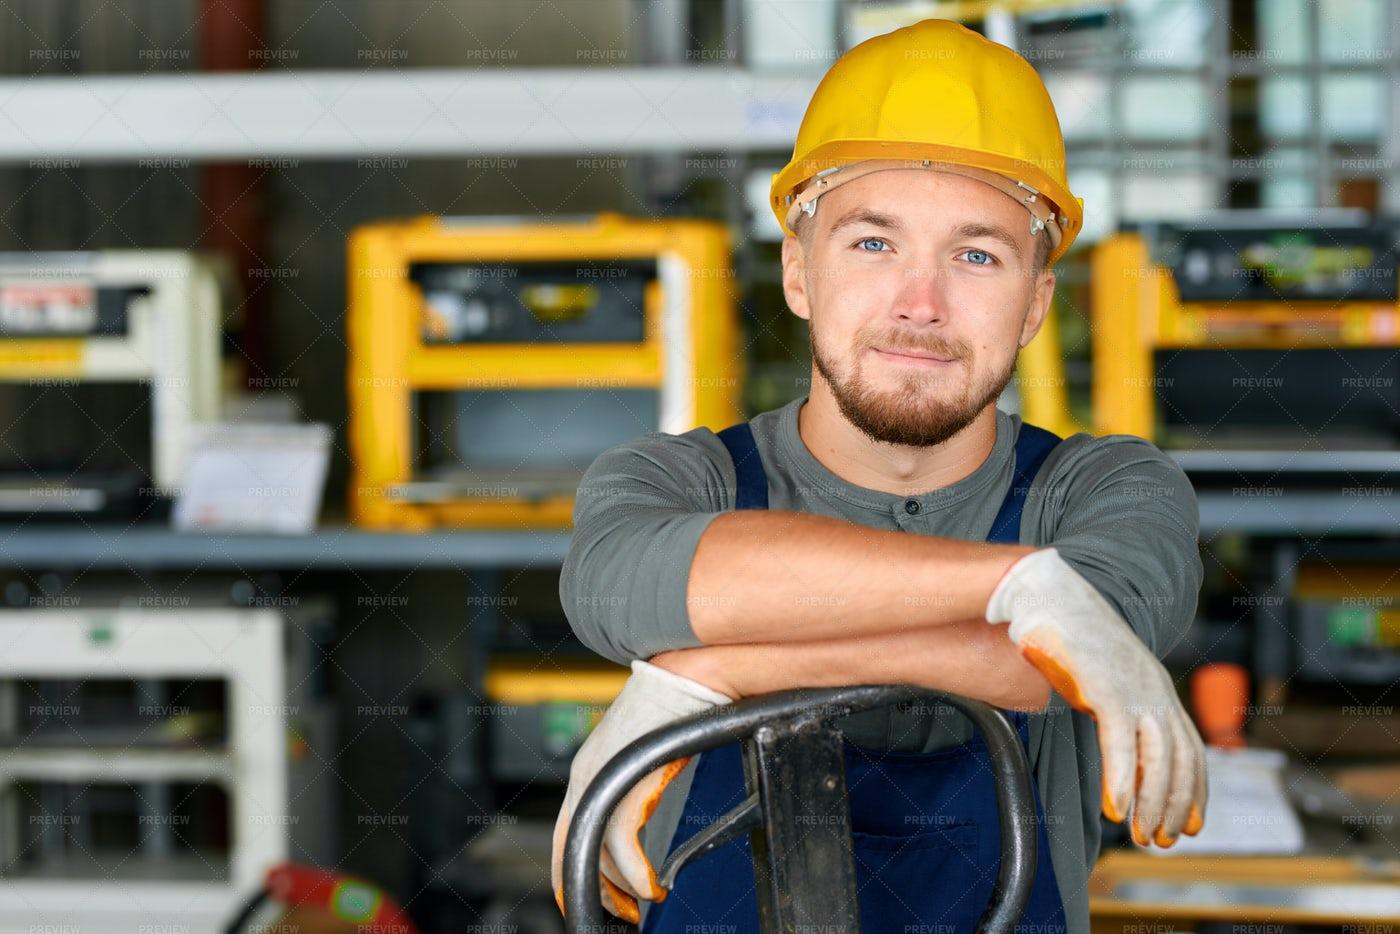 Young Workman Smiling At Camera: Stock Photos